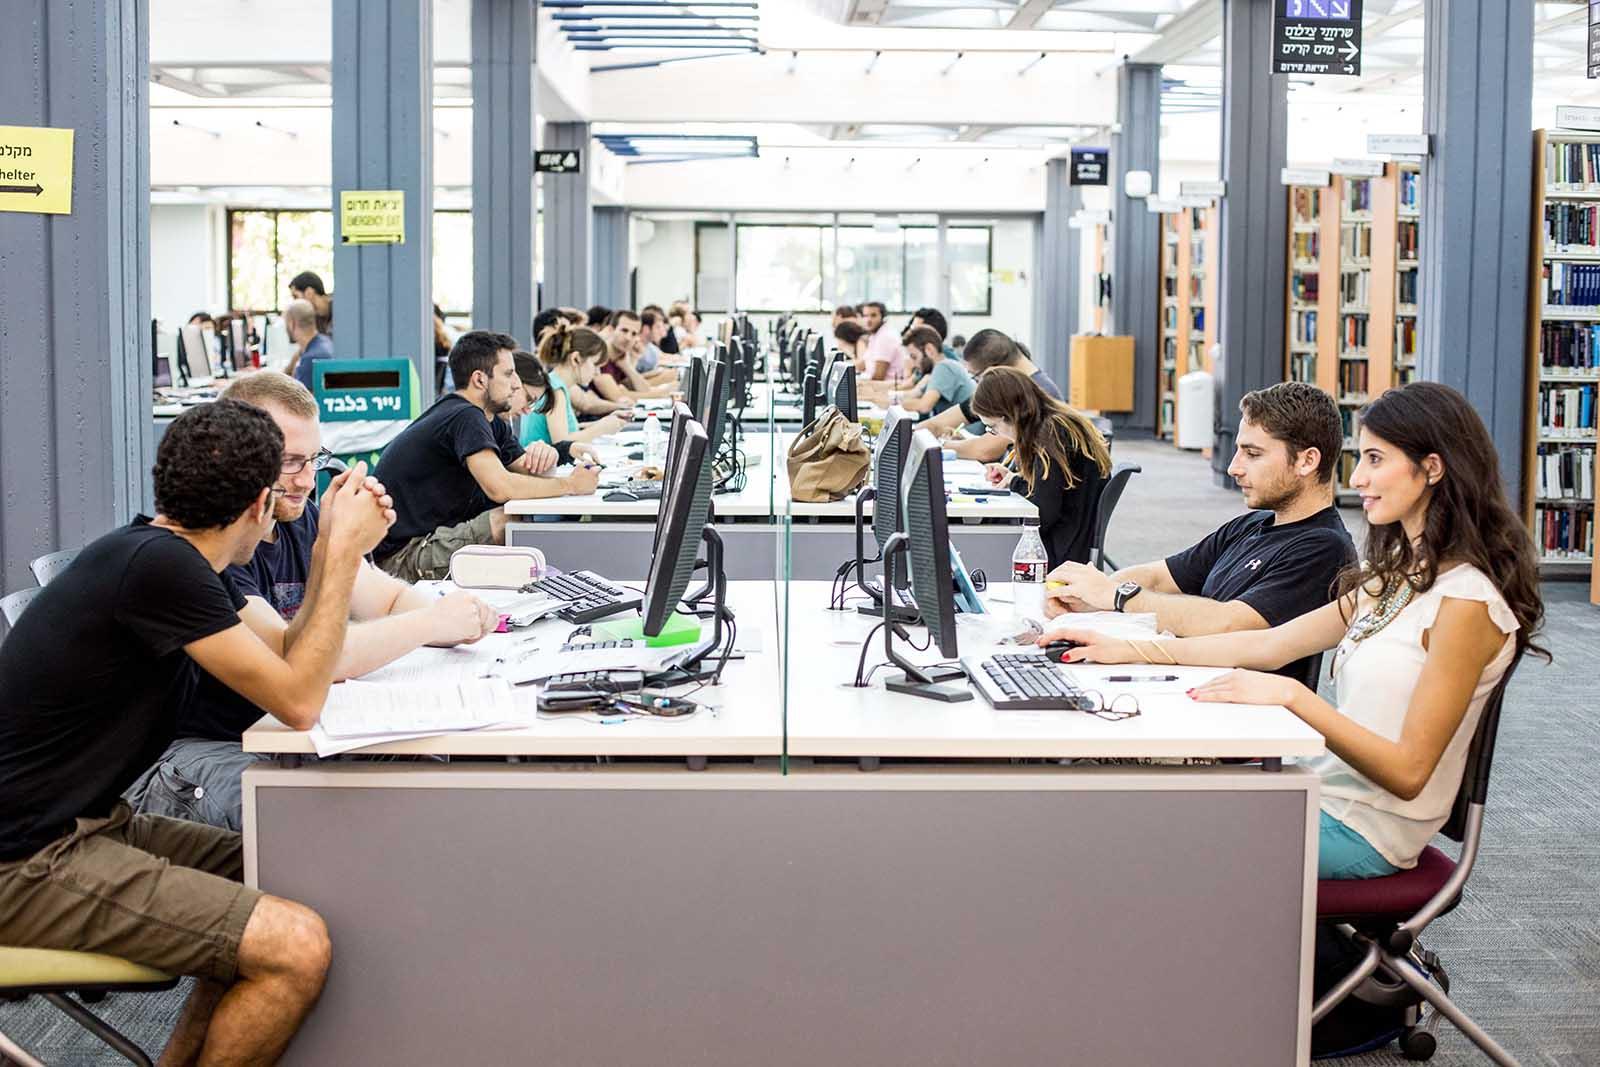 הספרייה למדעי החברה, לניהול ולחינוך ע״ש ברנדר-מוס - תמונת רקע